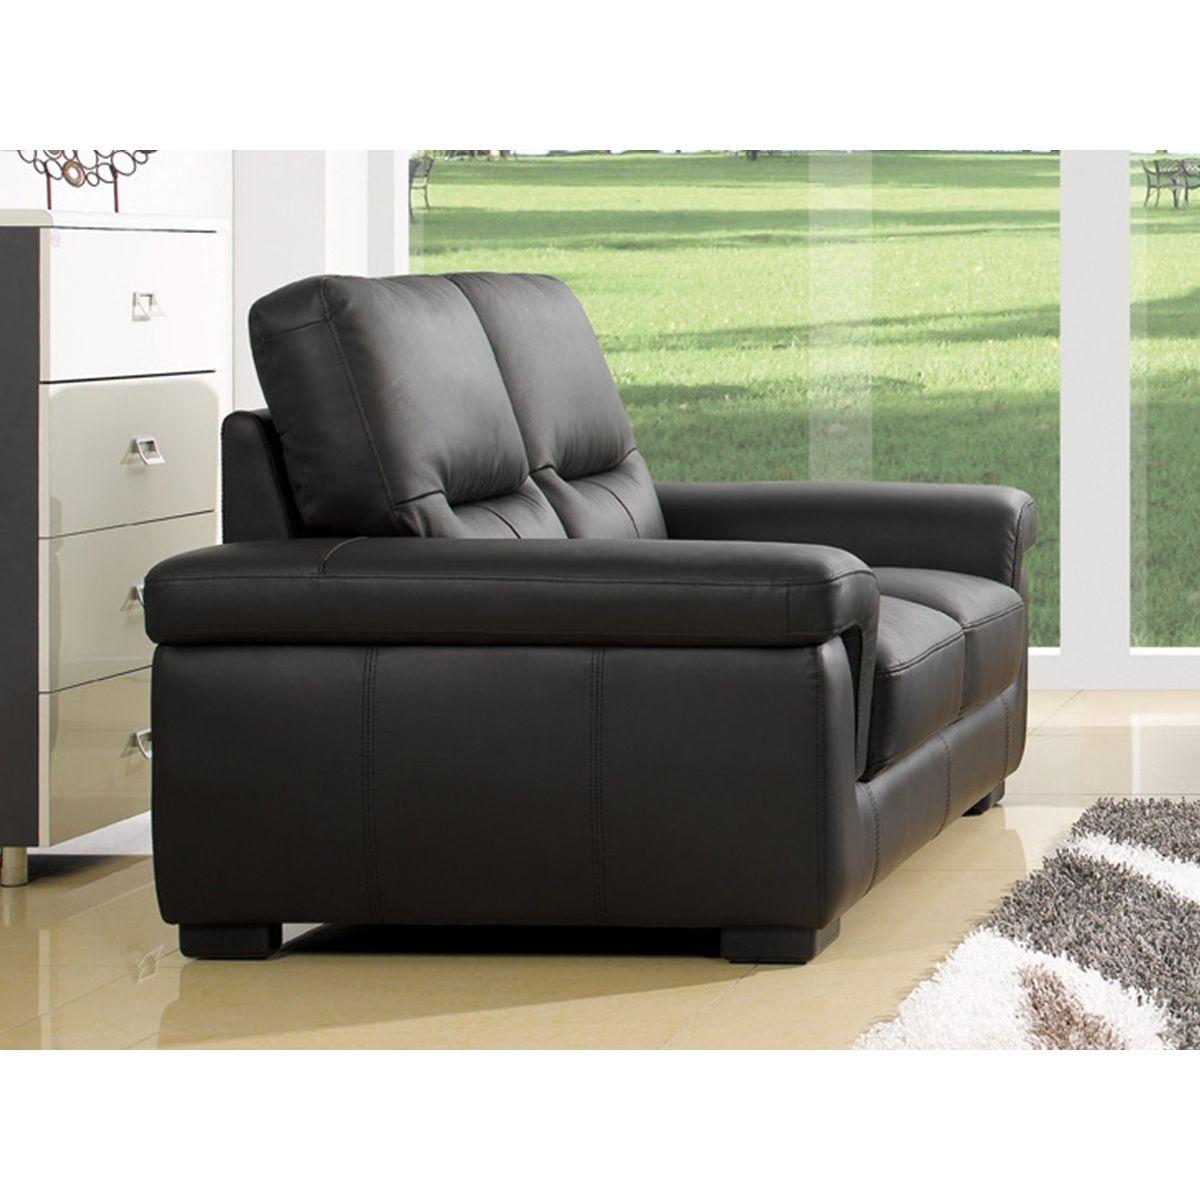 Canapé 2 places en cuir SANDY avec 2 sièges